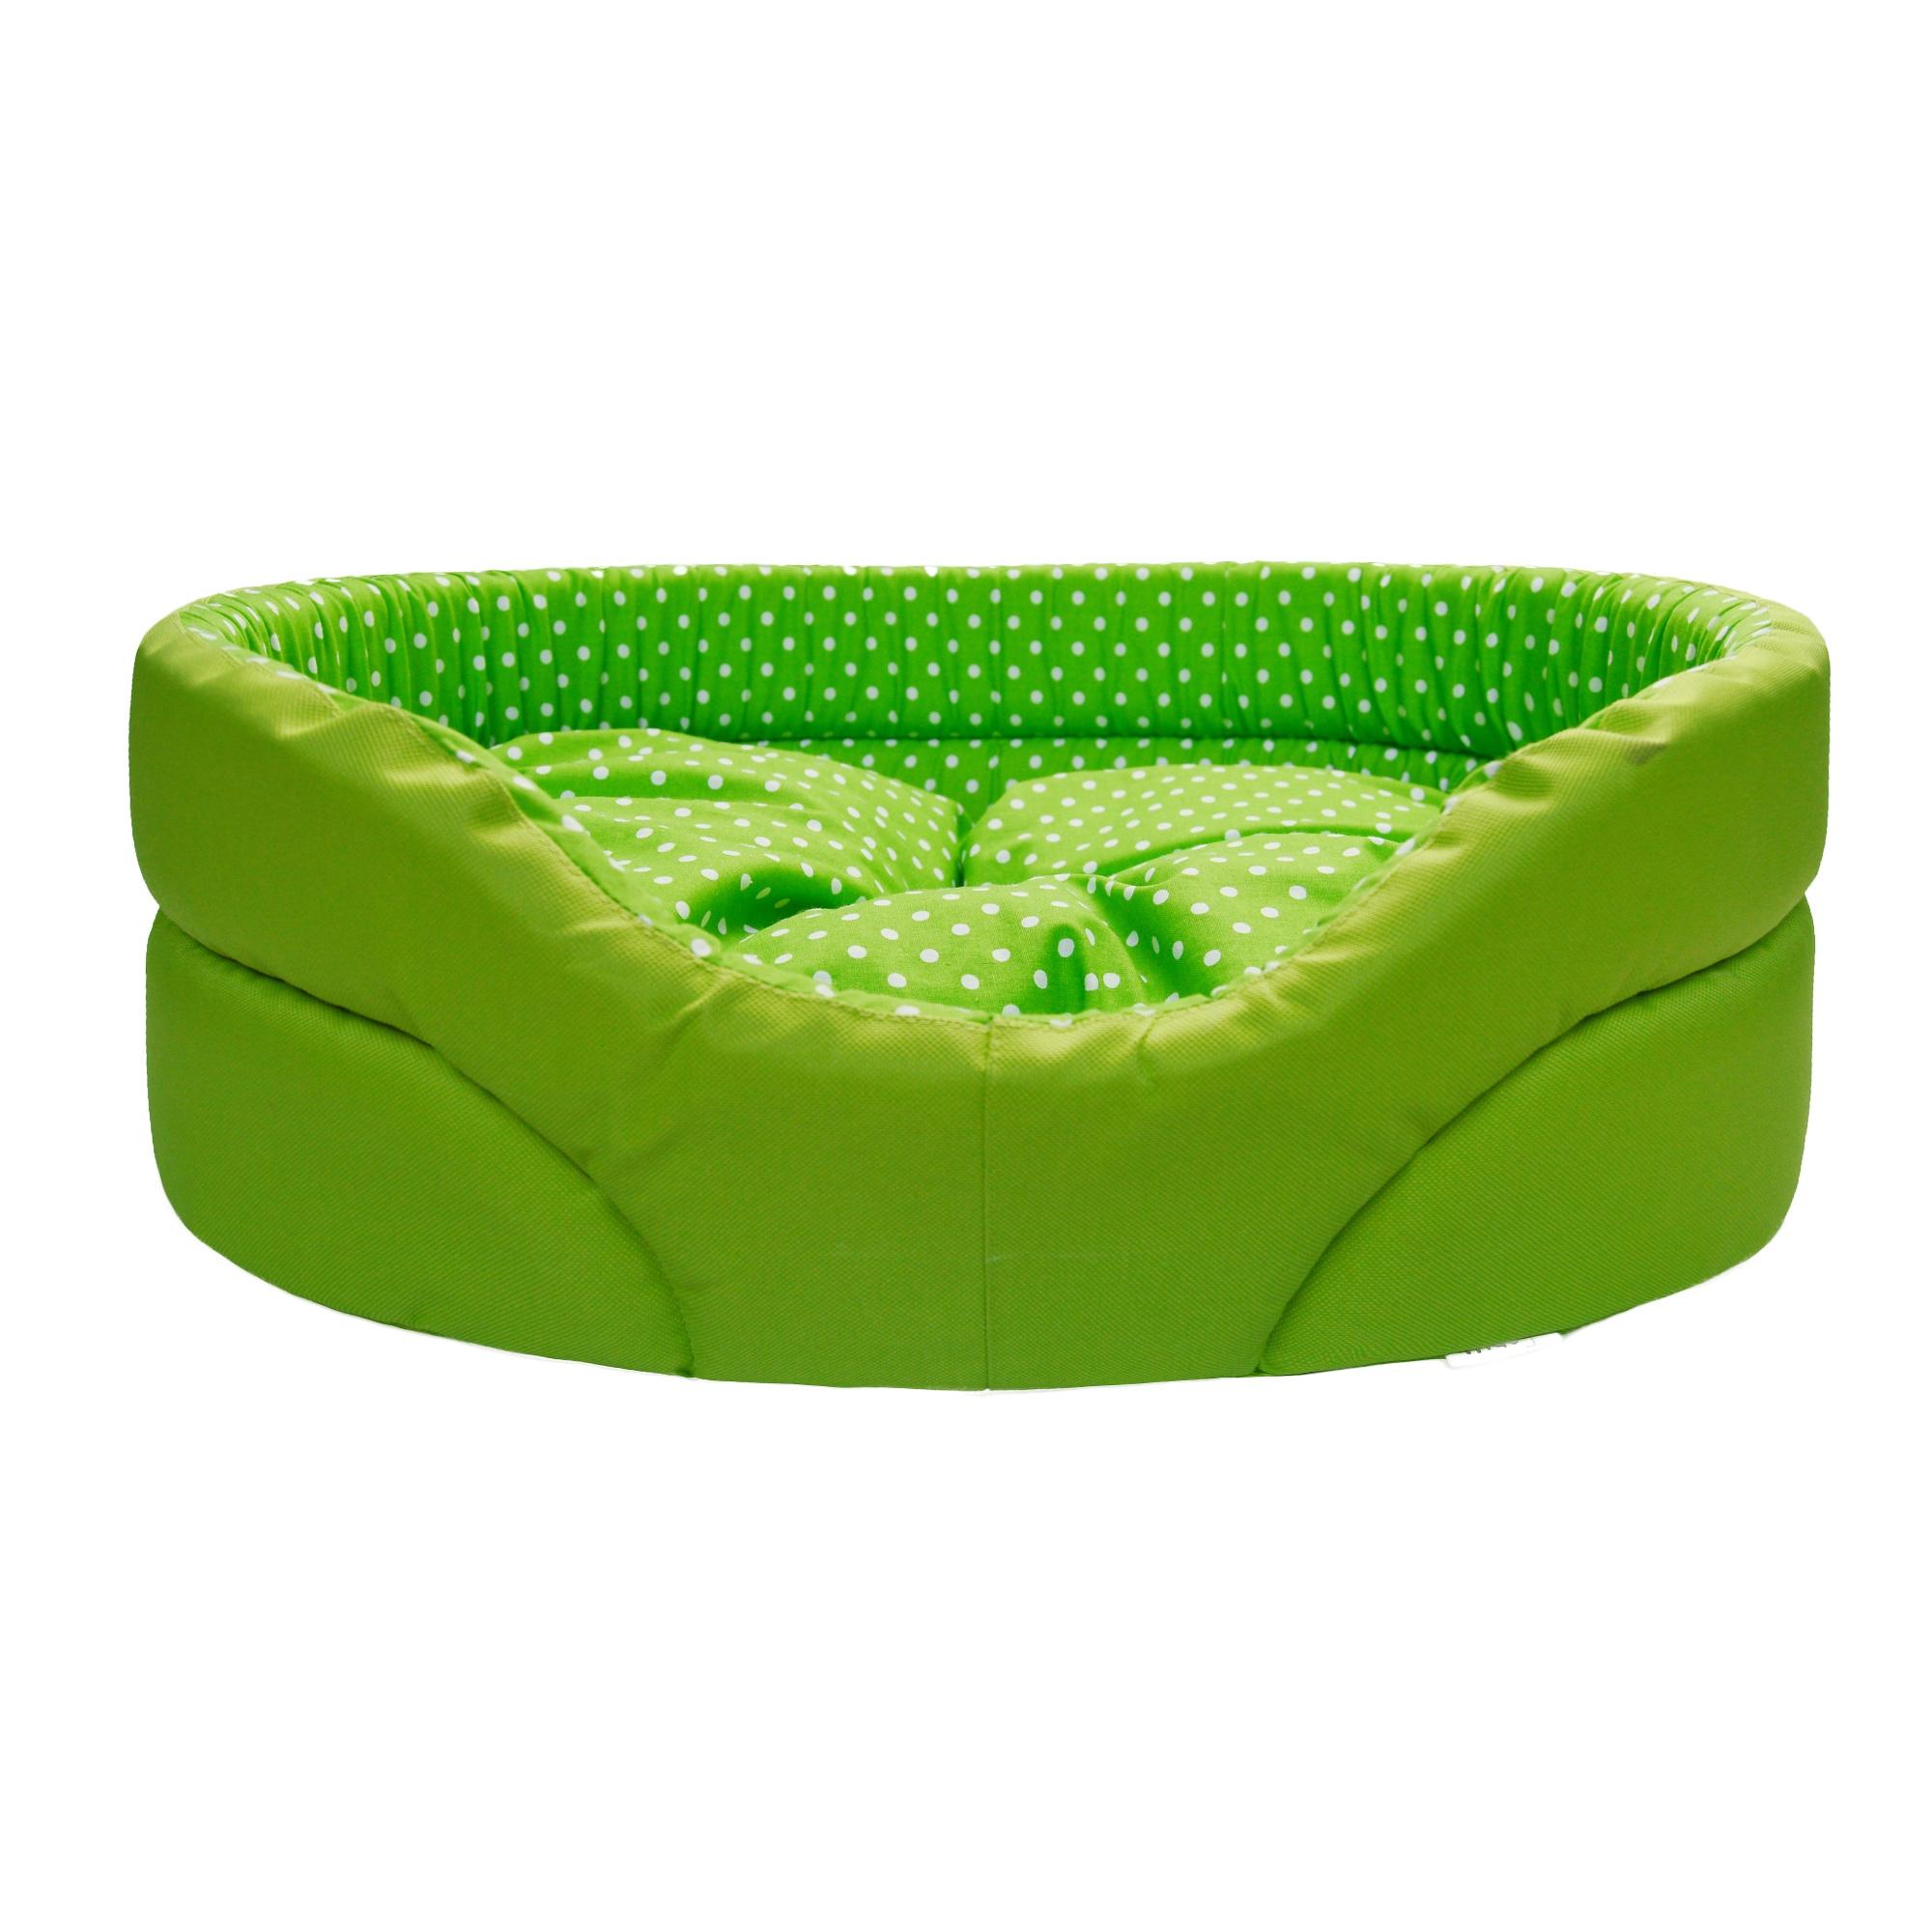 Pelech pro psy no. 13, zelený s puntíky, vel. 1